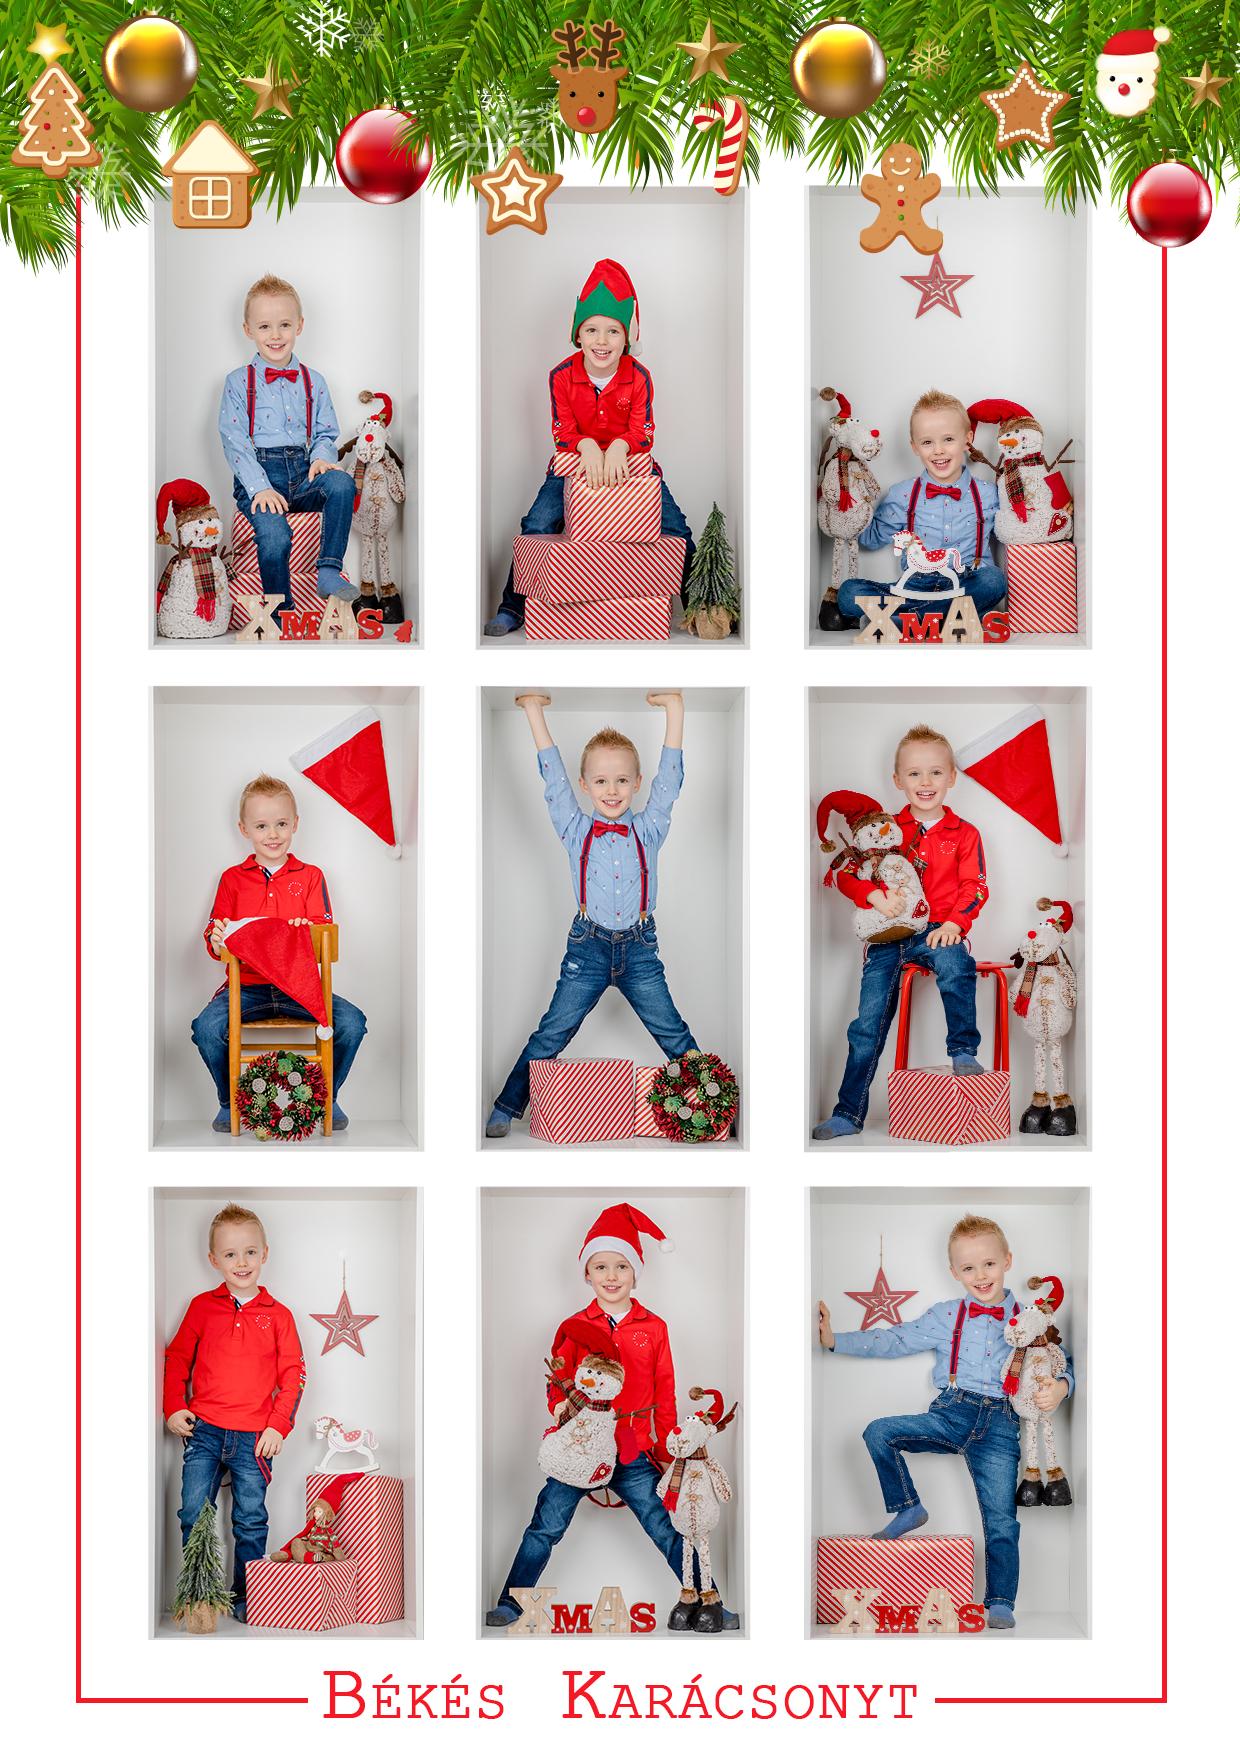 Karácsonyi fotózás kalman